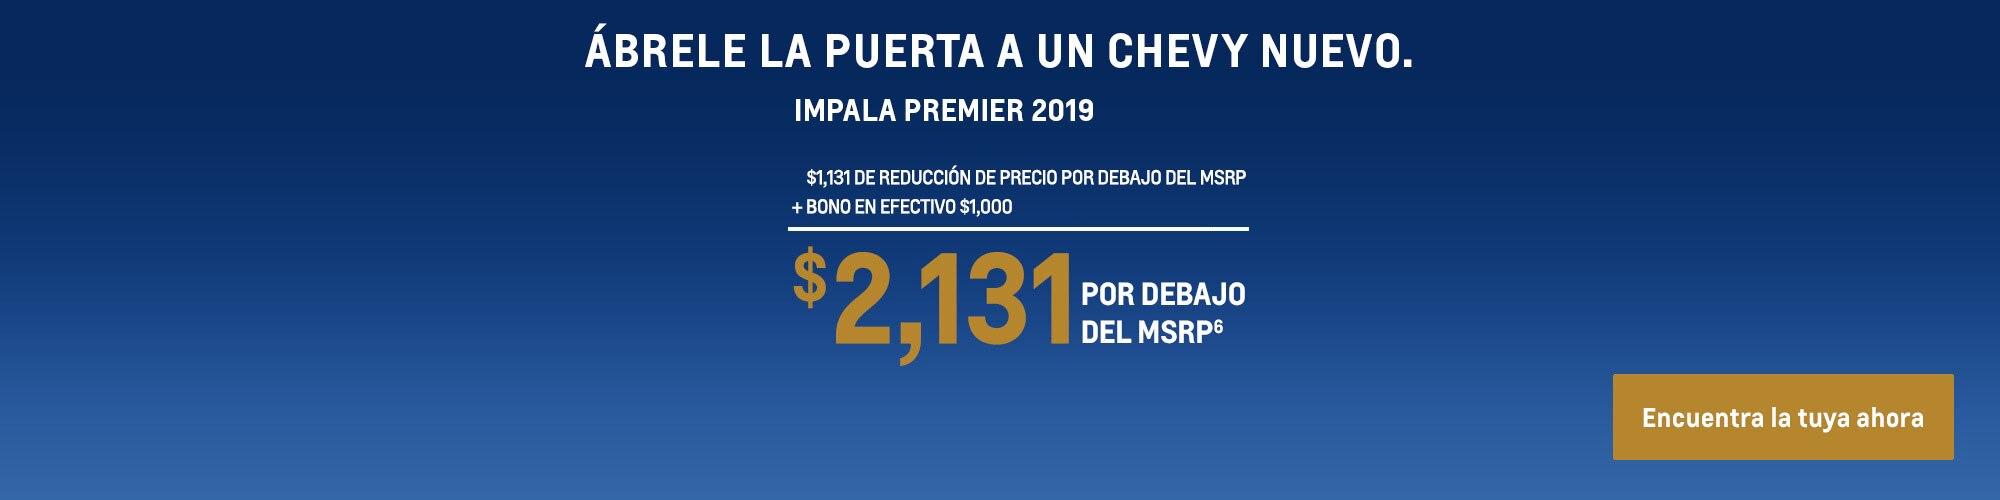 Impala 2019: $2,131 Por debajo del MSRP